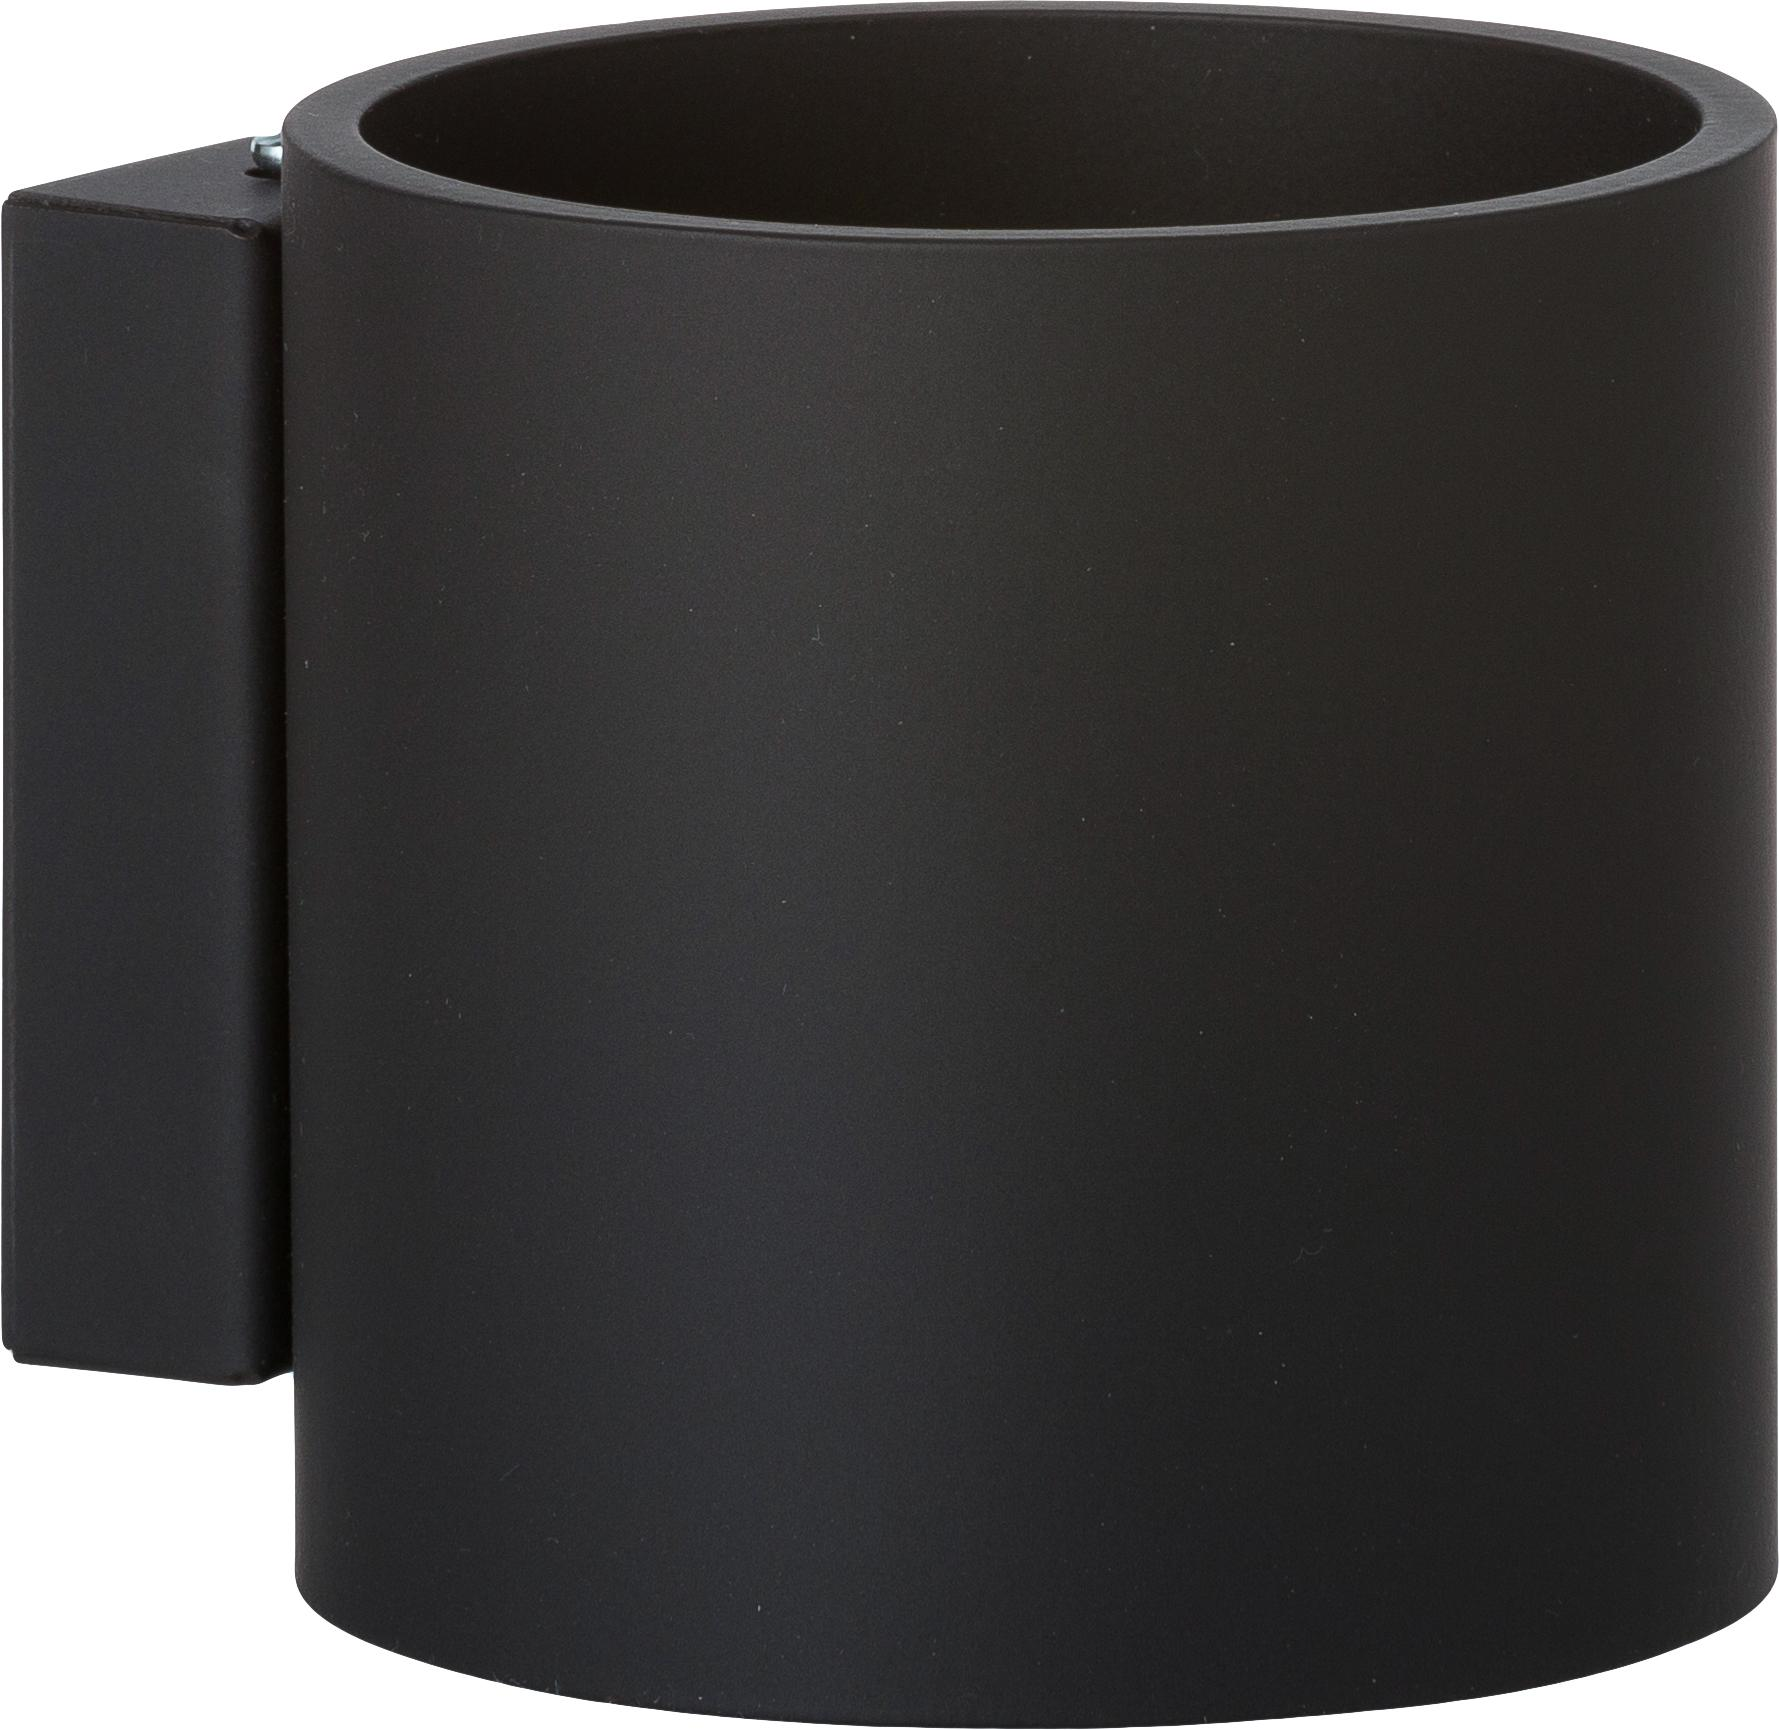 Kinkiet Roda, Aluminium malowane proszkowo, Czarny, S 10 x W 10 cm